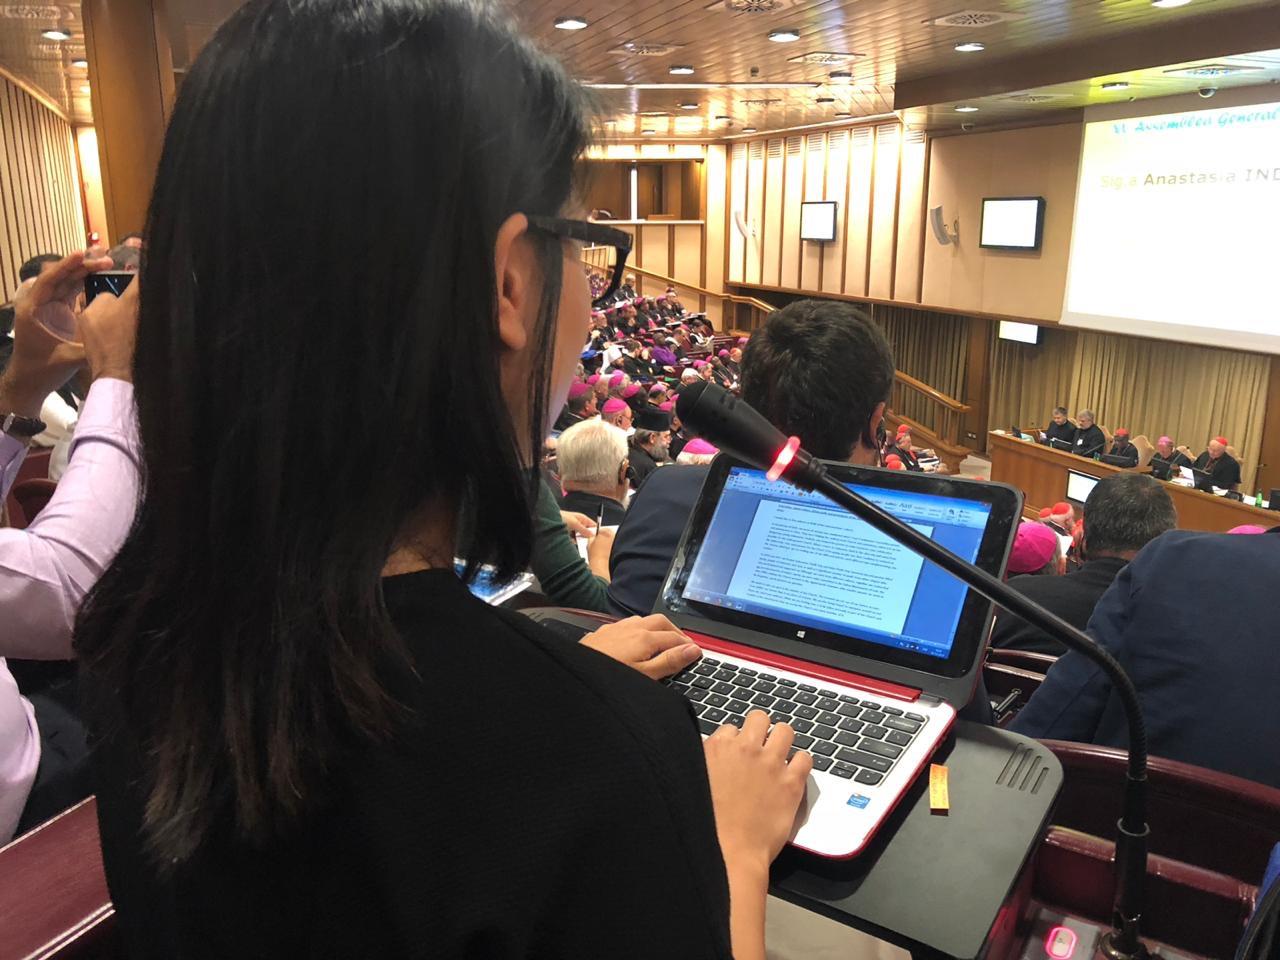 Eine der jungen Teilnehmerinnen bei ihrem Beitrag während der Synode